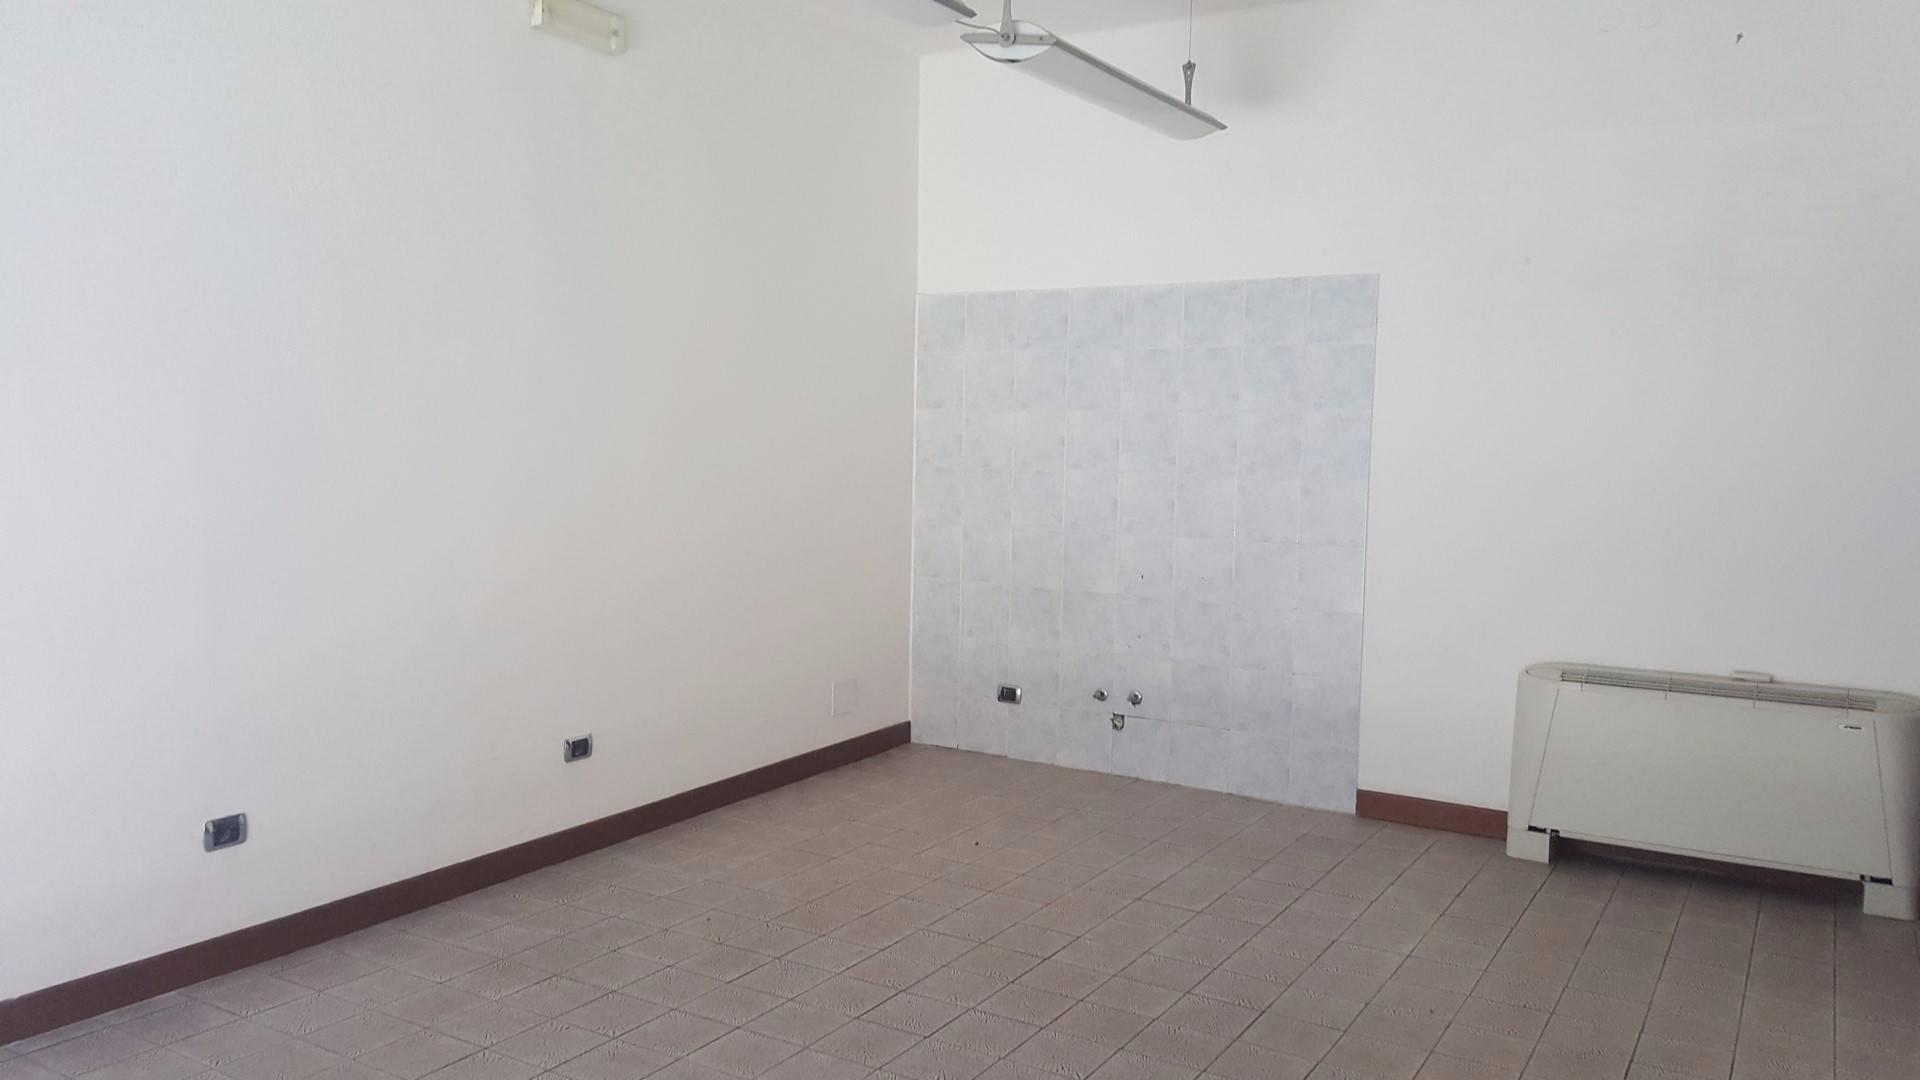 Negozio / Locale in affitto a Monteforte d'Alpone, 9999 locali, zona Zona: Costalunga, prezzo € 400 | Cambio Casa.it